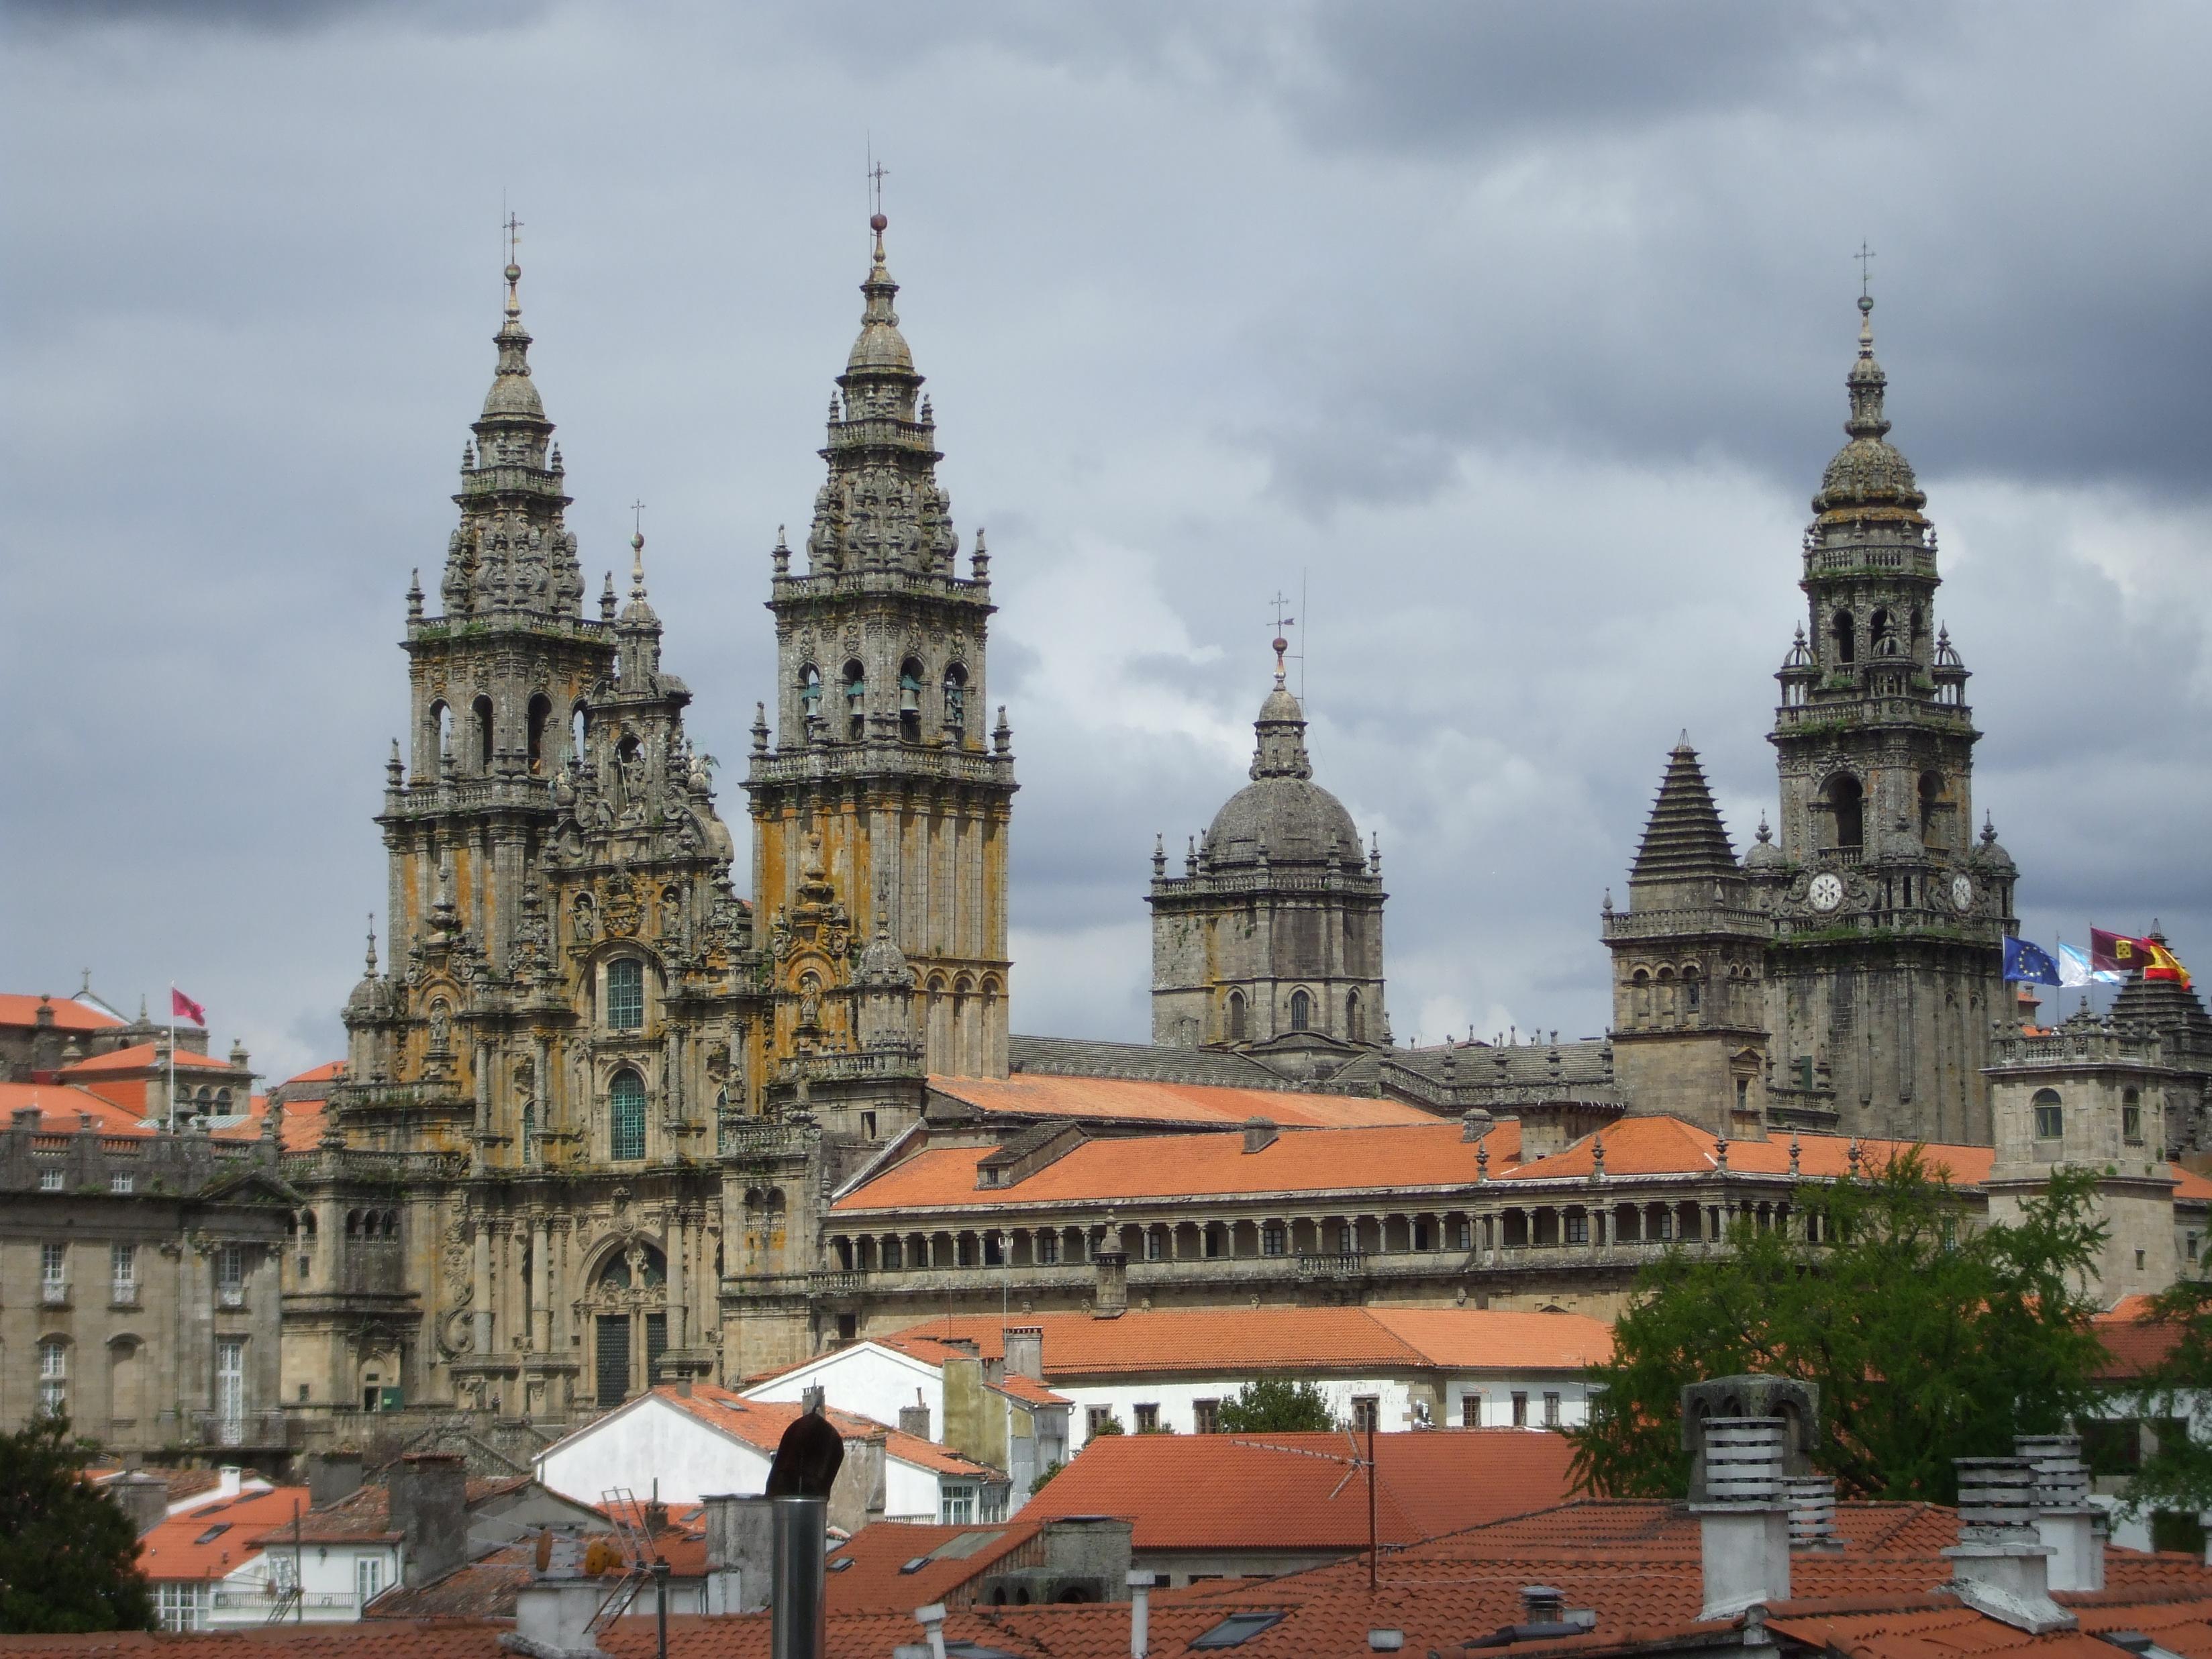 Fitxategi catedral santiago de compostela galicia spain for Zara santiago de compostela